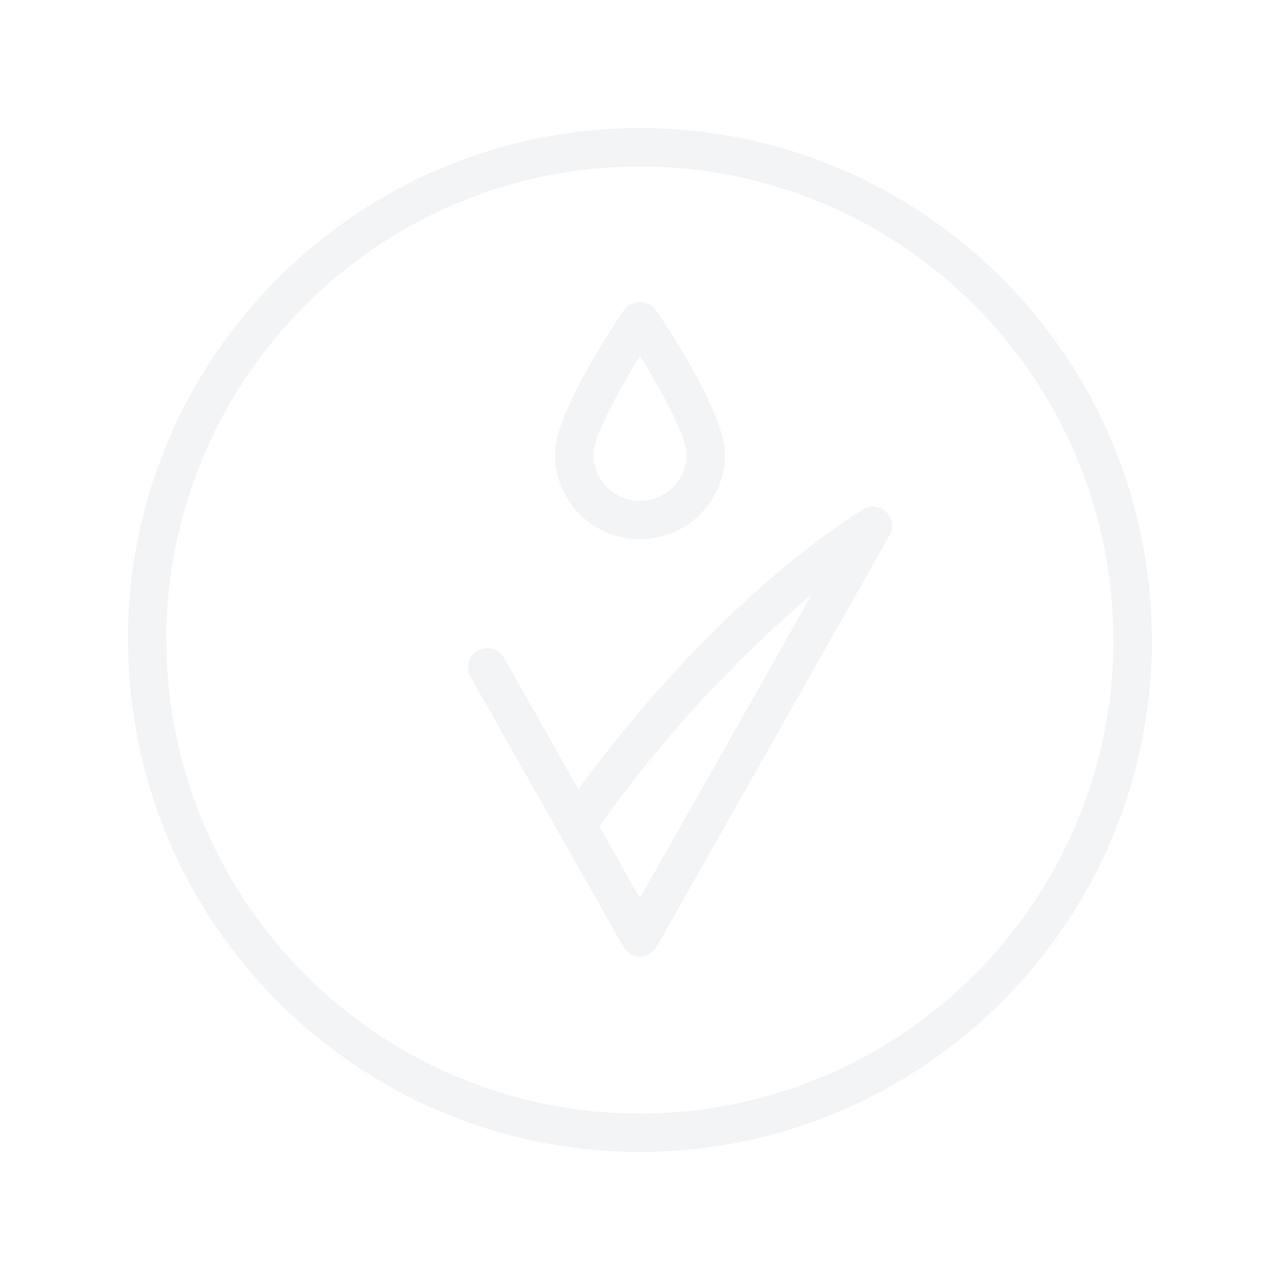 CARITA Progressif Neomorphose Replenishing Night Balm 50ml